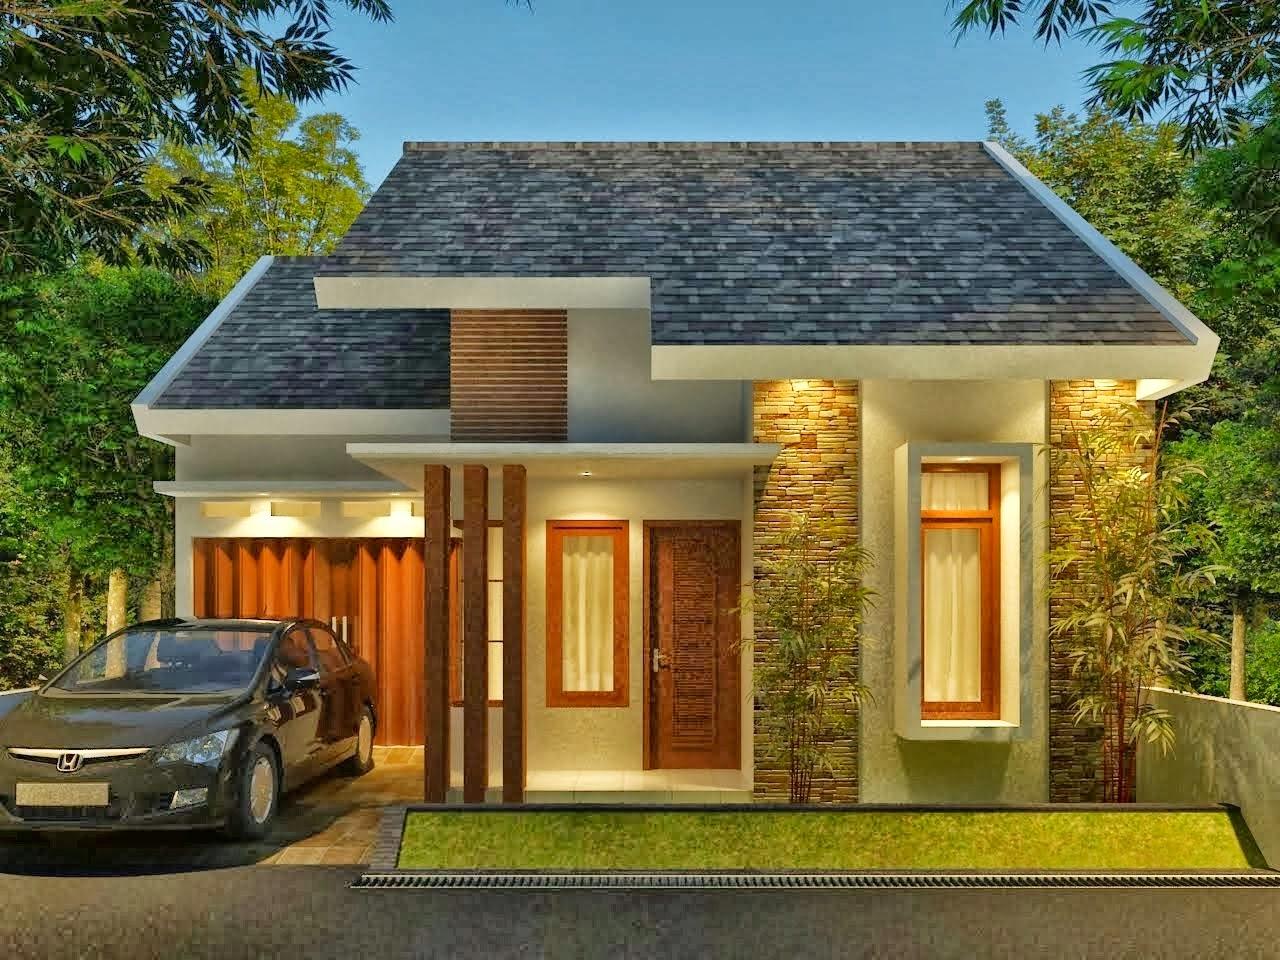 Desain Rumah 2016 Rumah Minimalis 1 Lantai Images